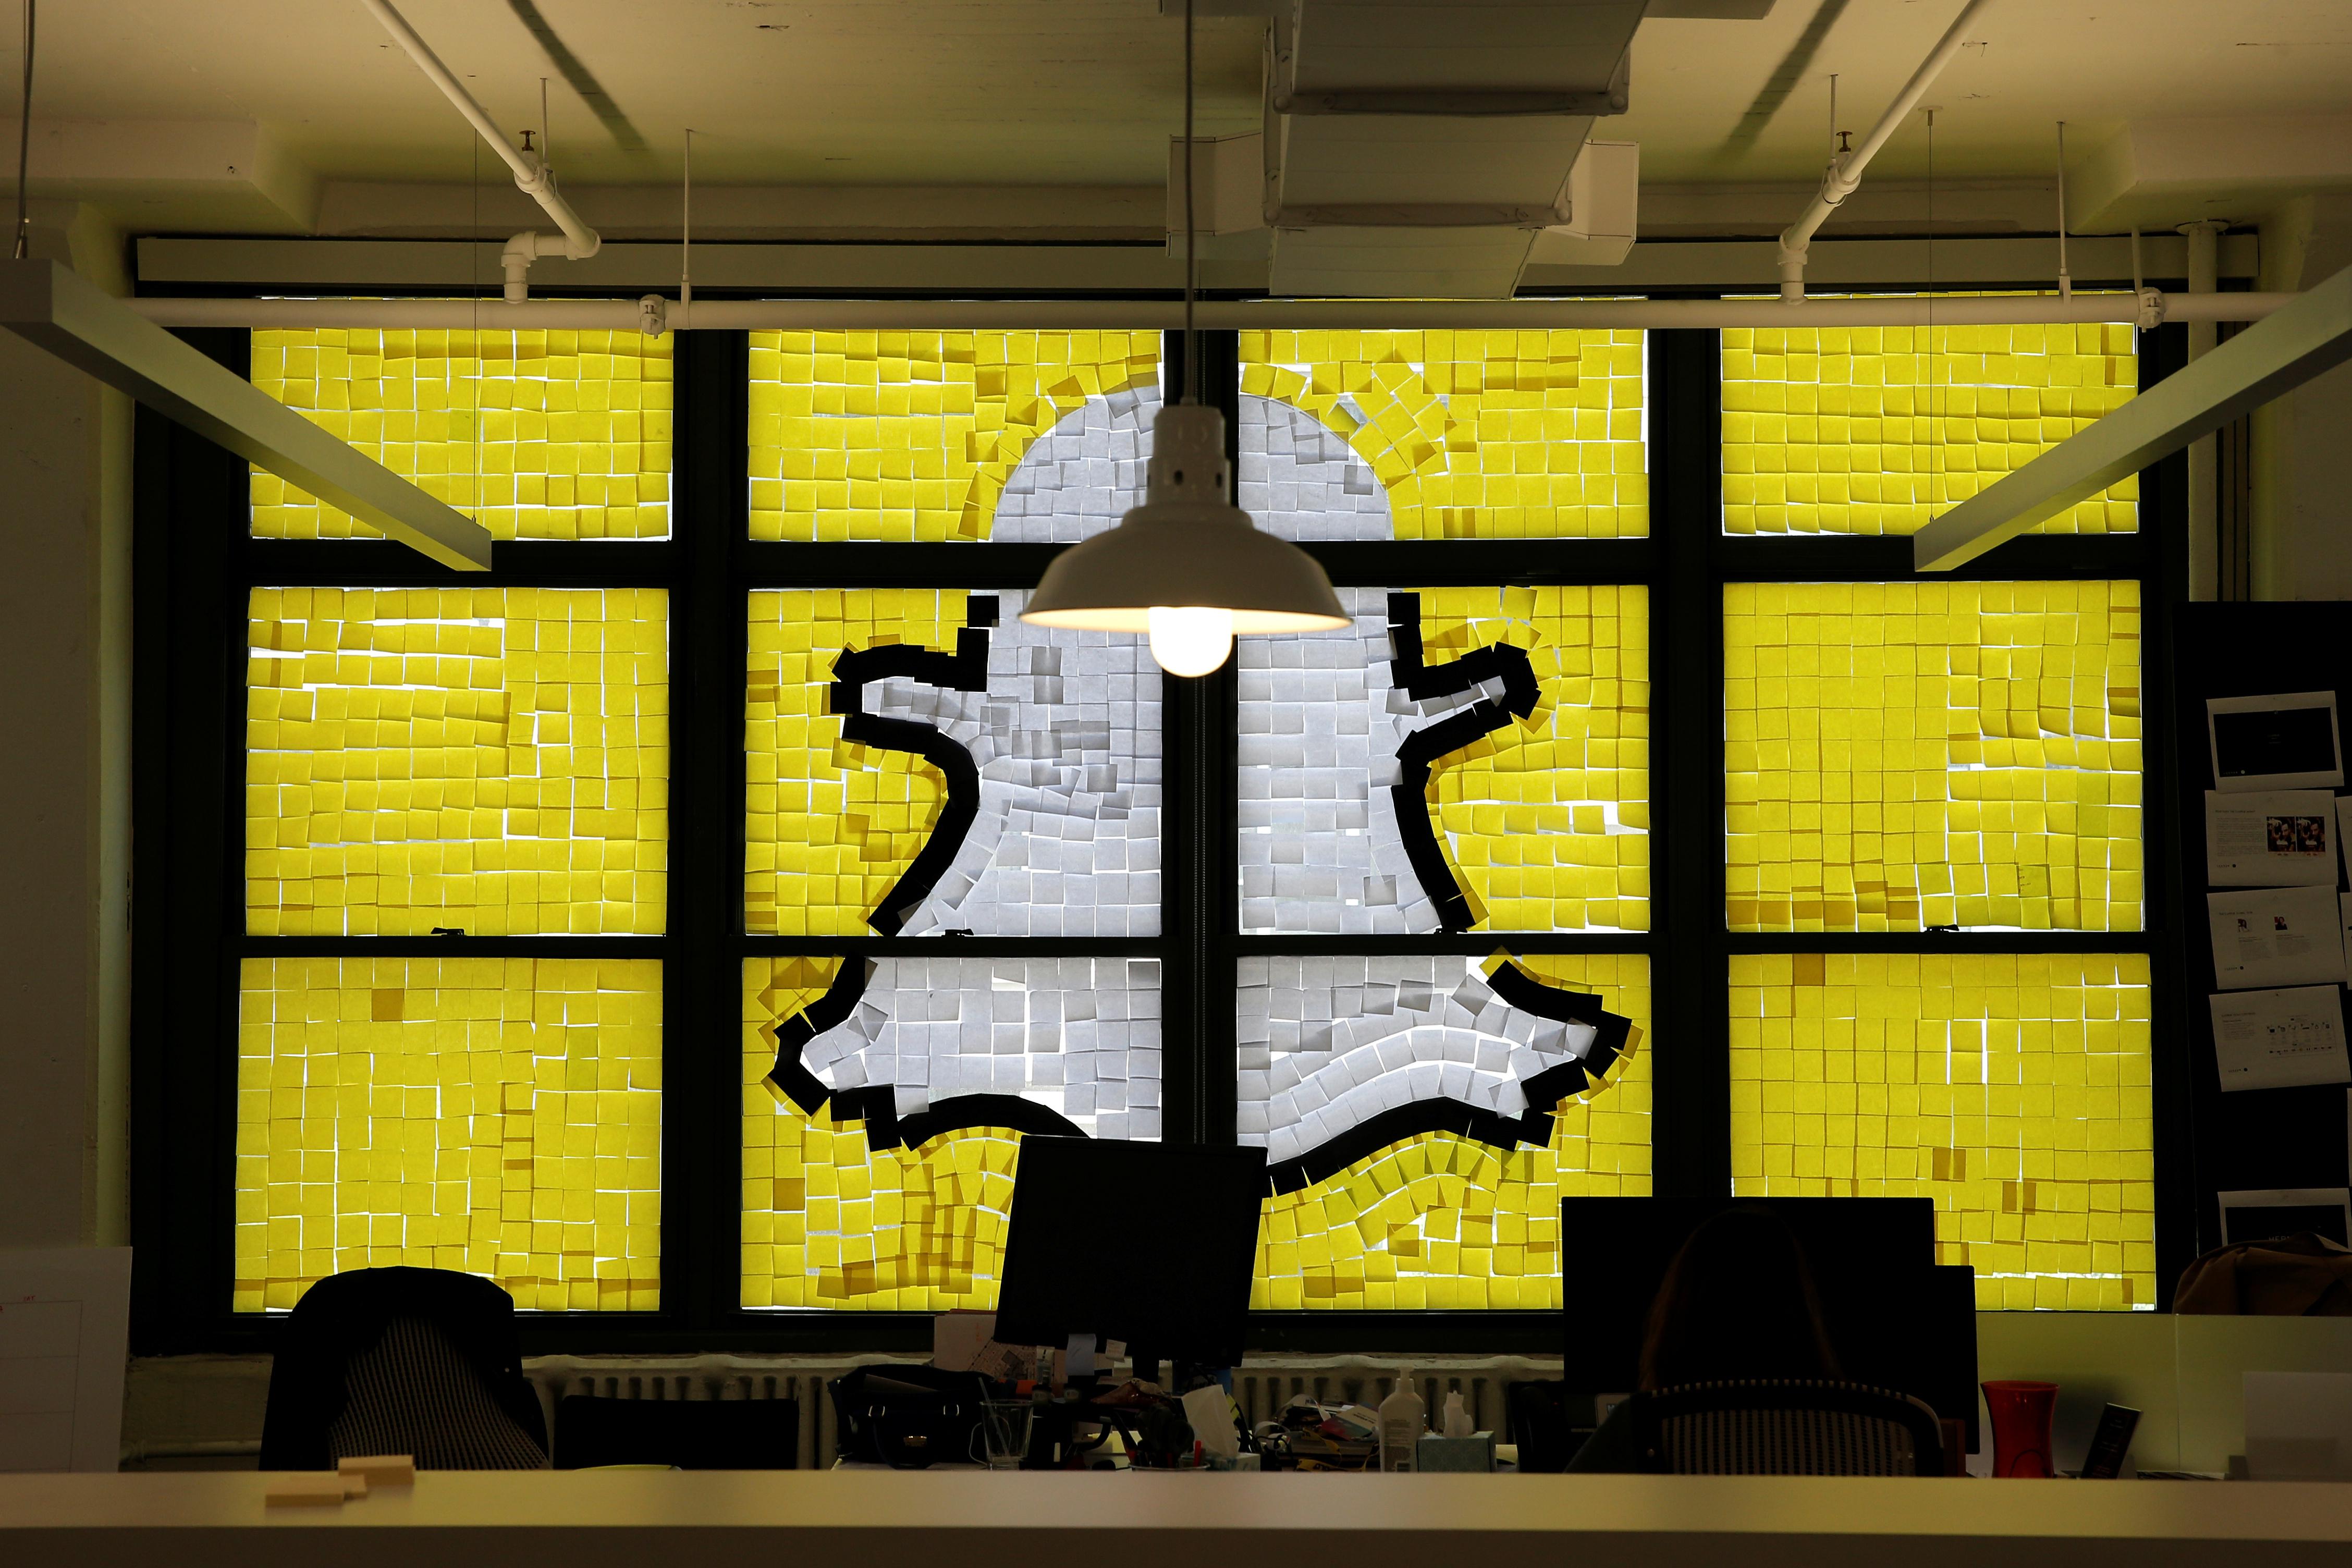 Ayer Snapchat. Mañana SNAP Inc.